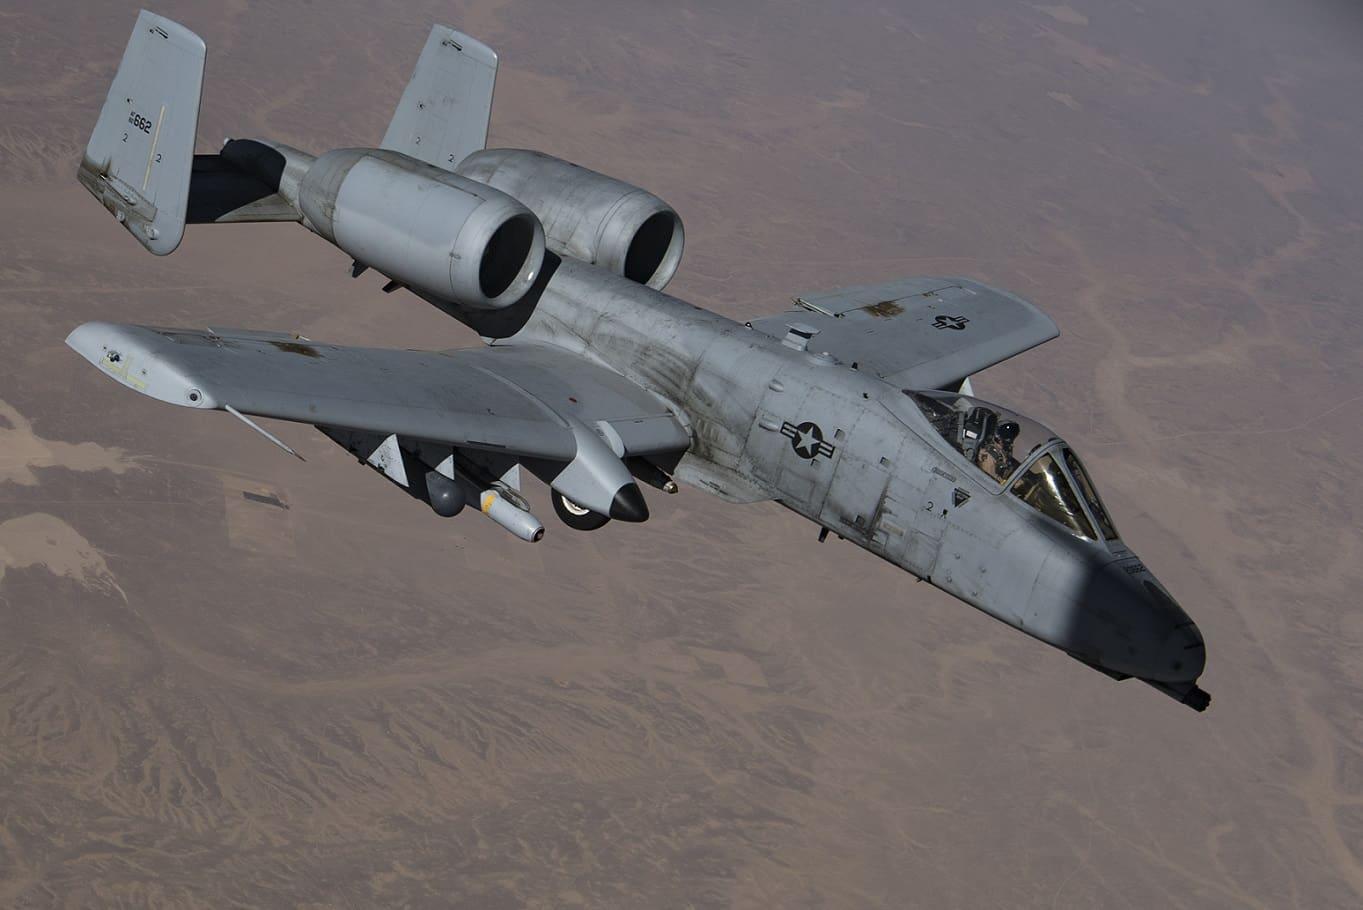 A-10 attack plane